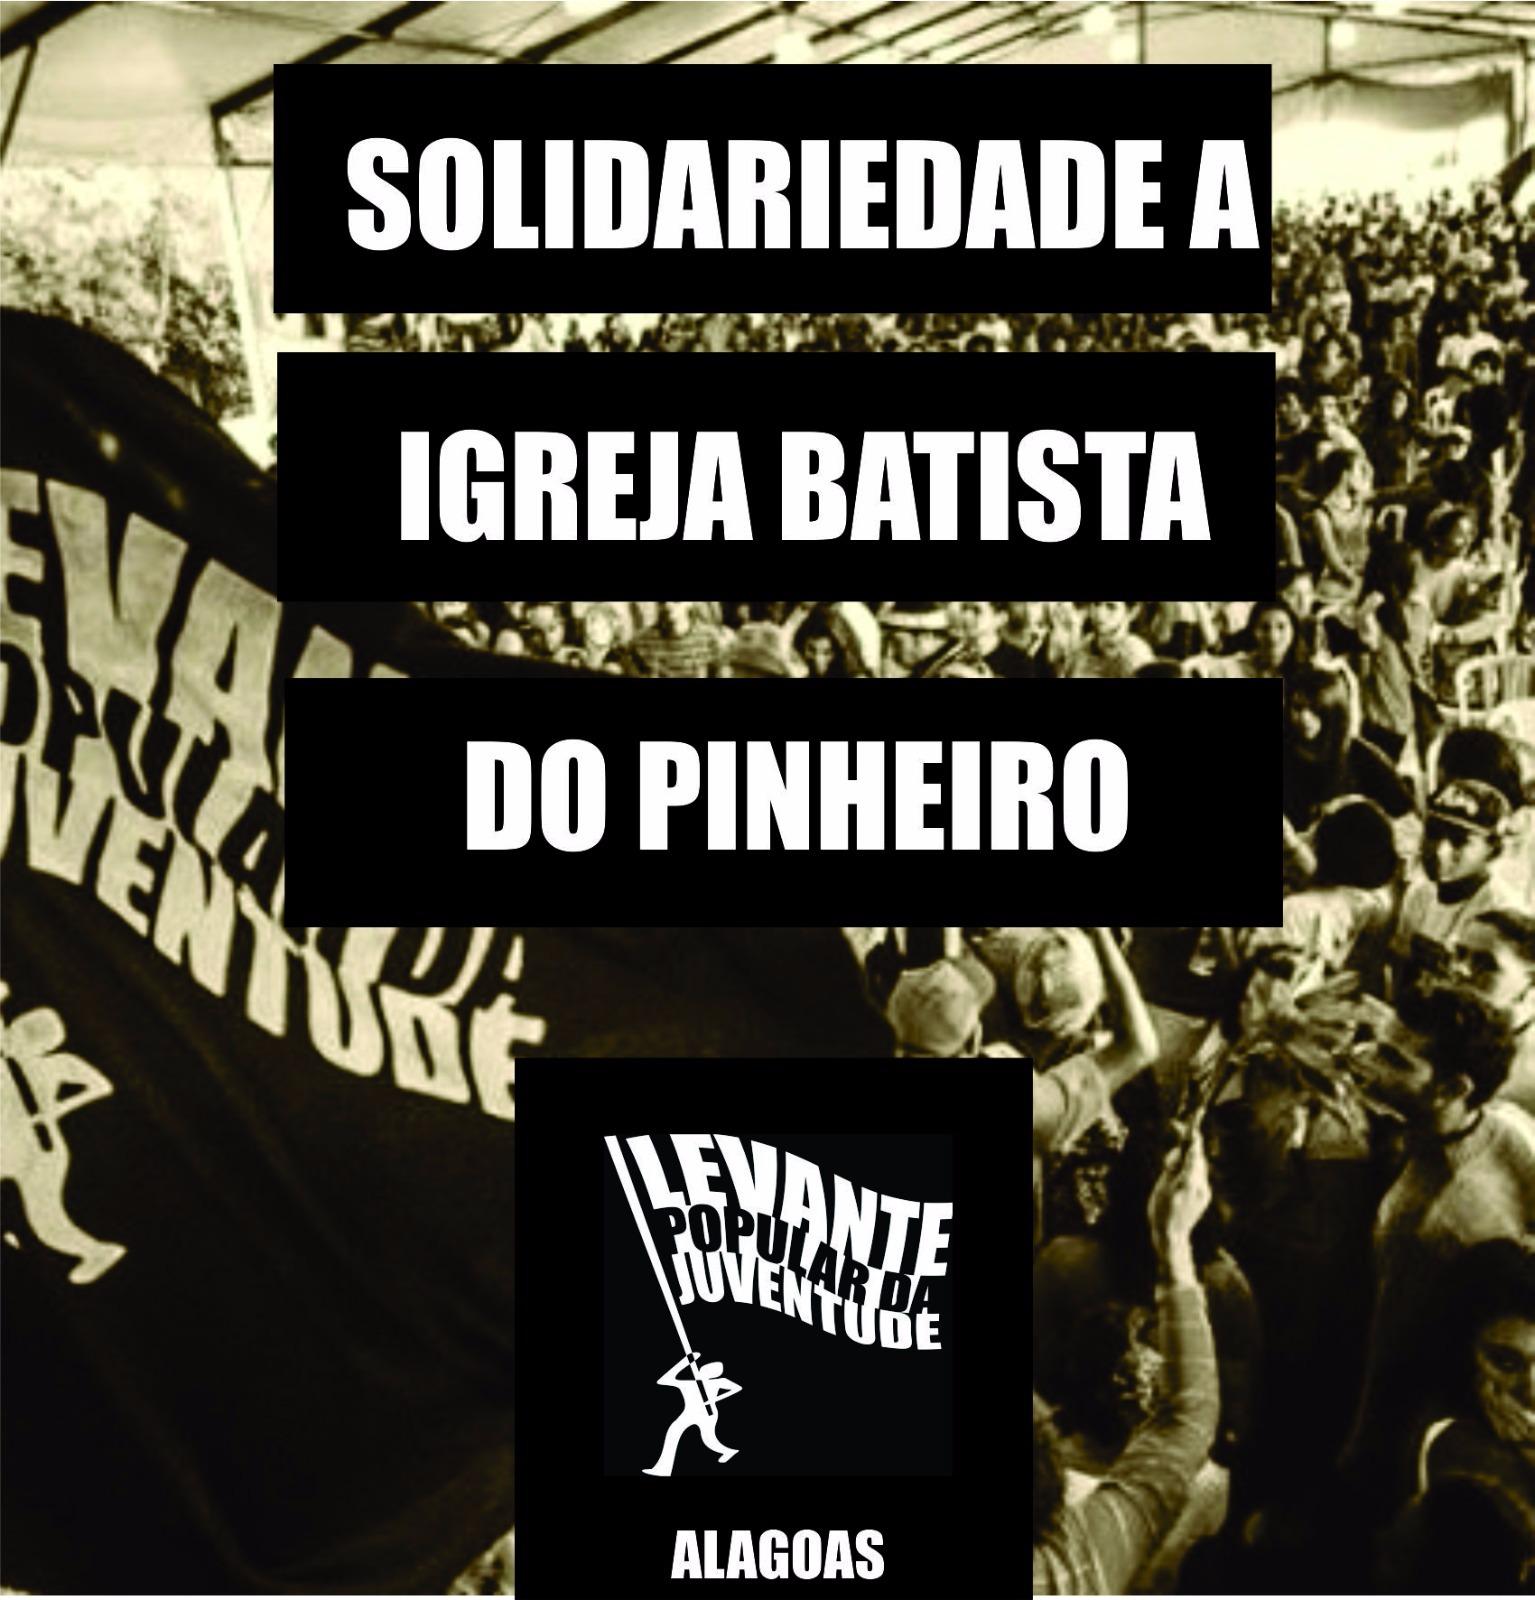 Nota em solidariedade a Igreja Batista do Pinheiro (AL)